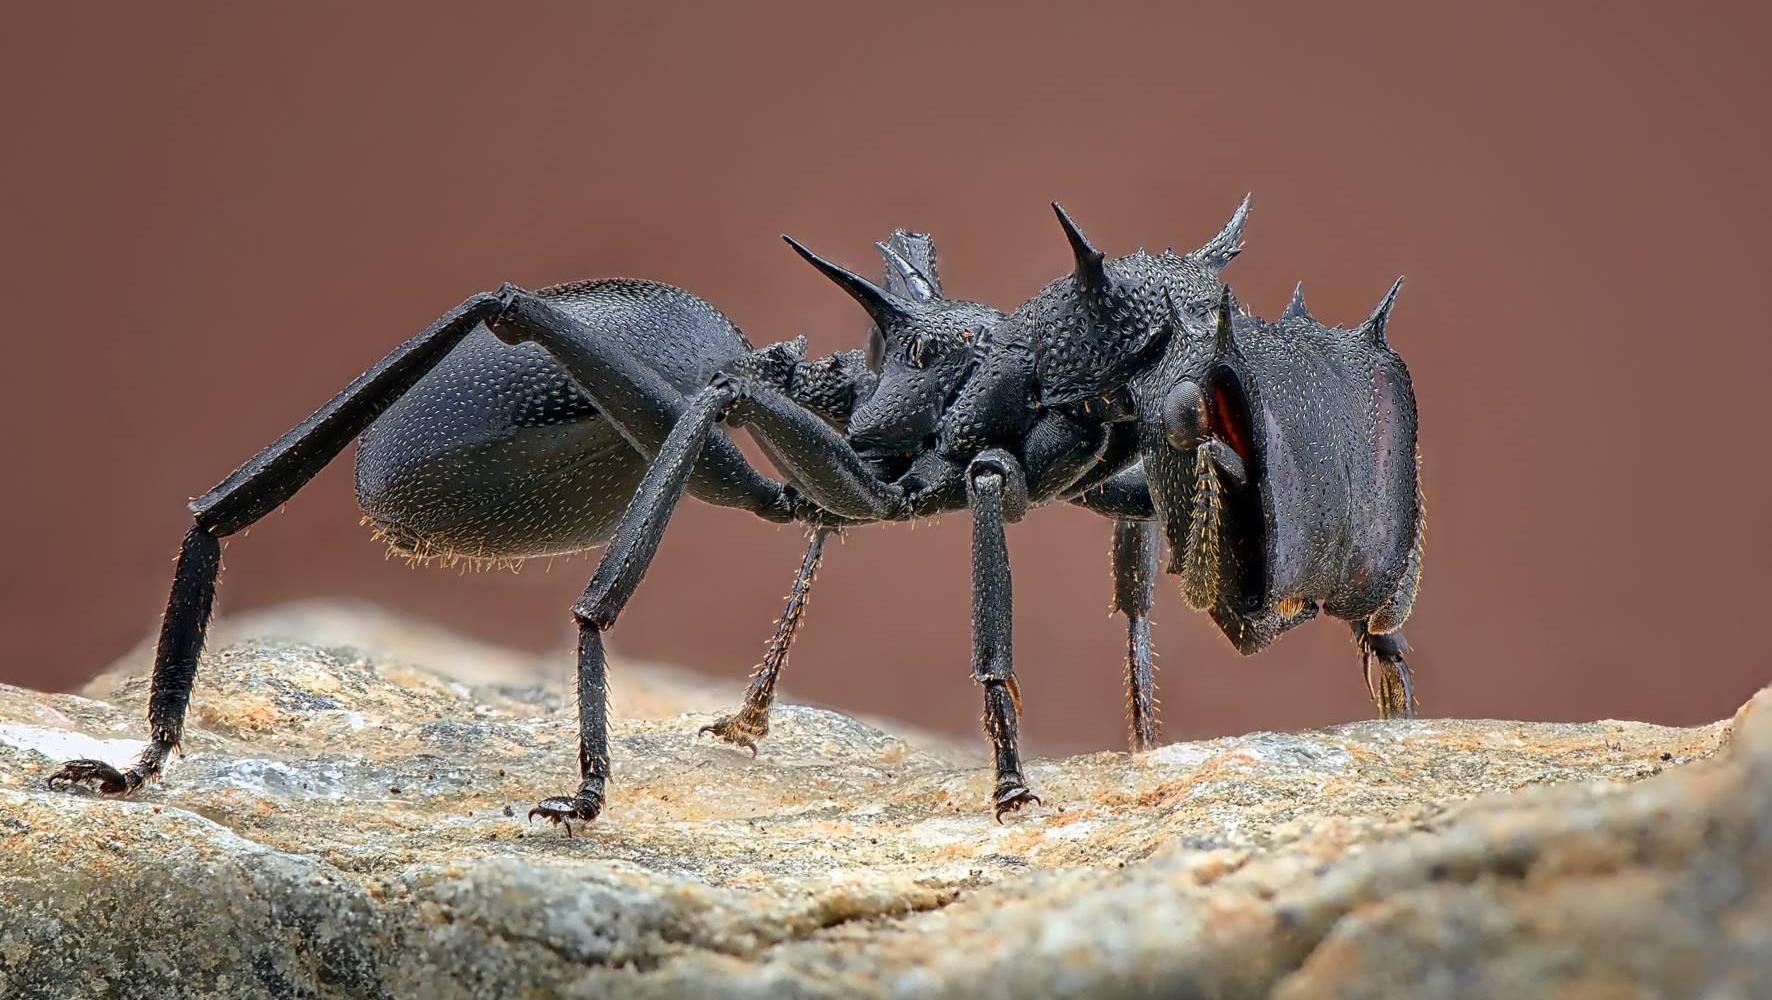 Кишечные бактерии помогают муравьям наращивать толстую броню